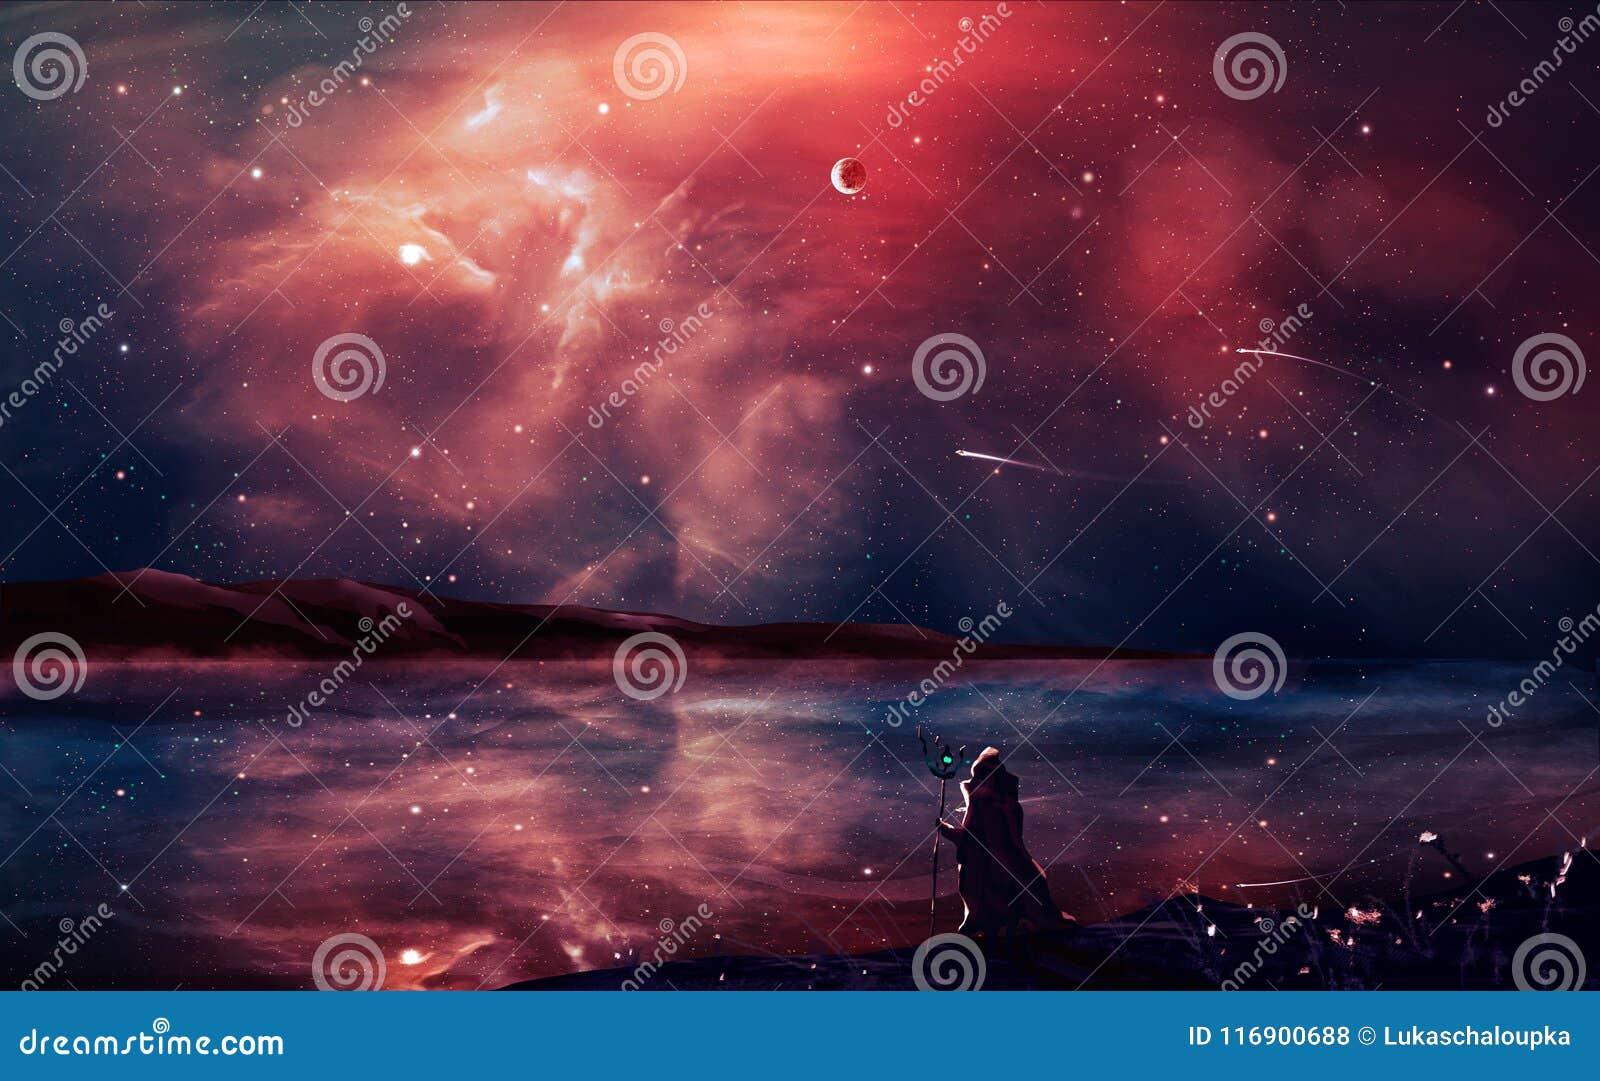 Картина ландшафта научной фантастики цифровая с межзвёздным облаком, волшебником, планета,